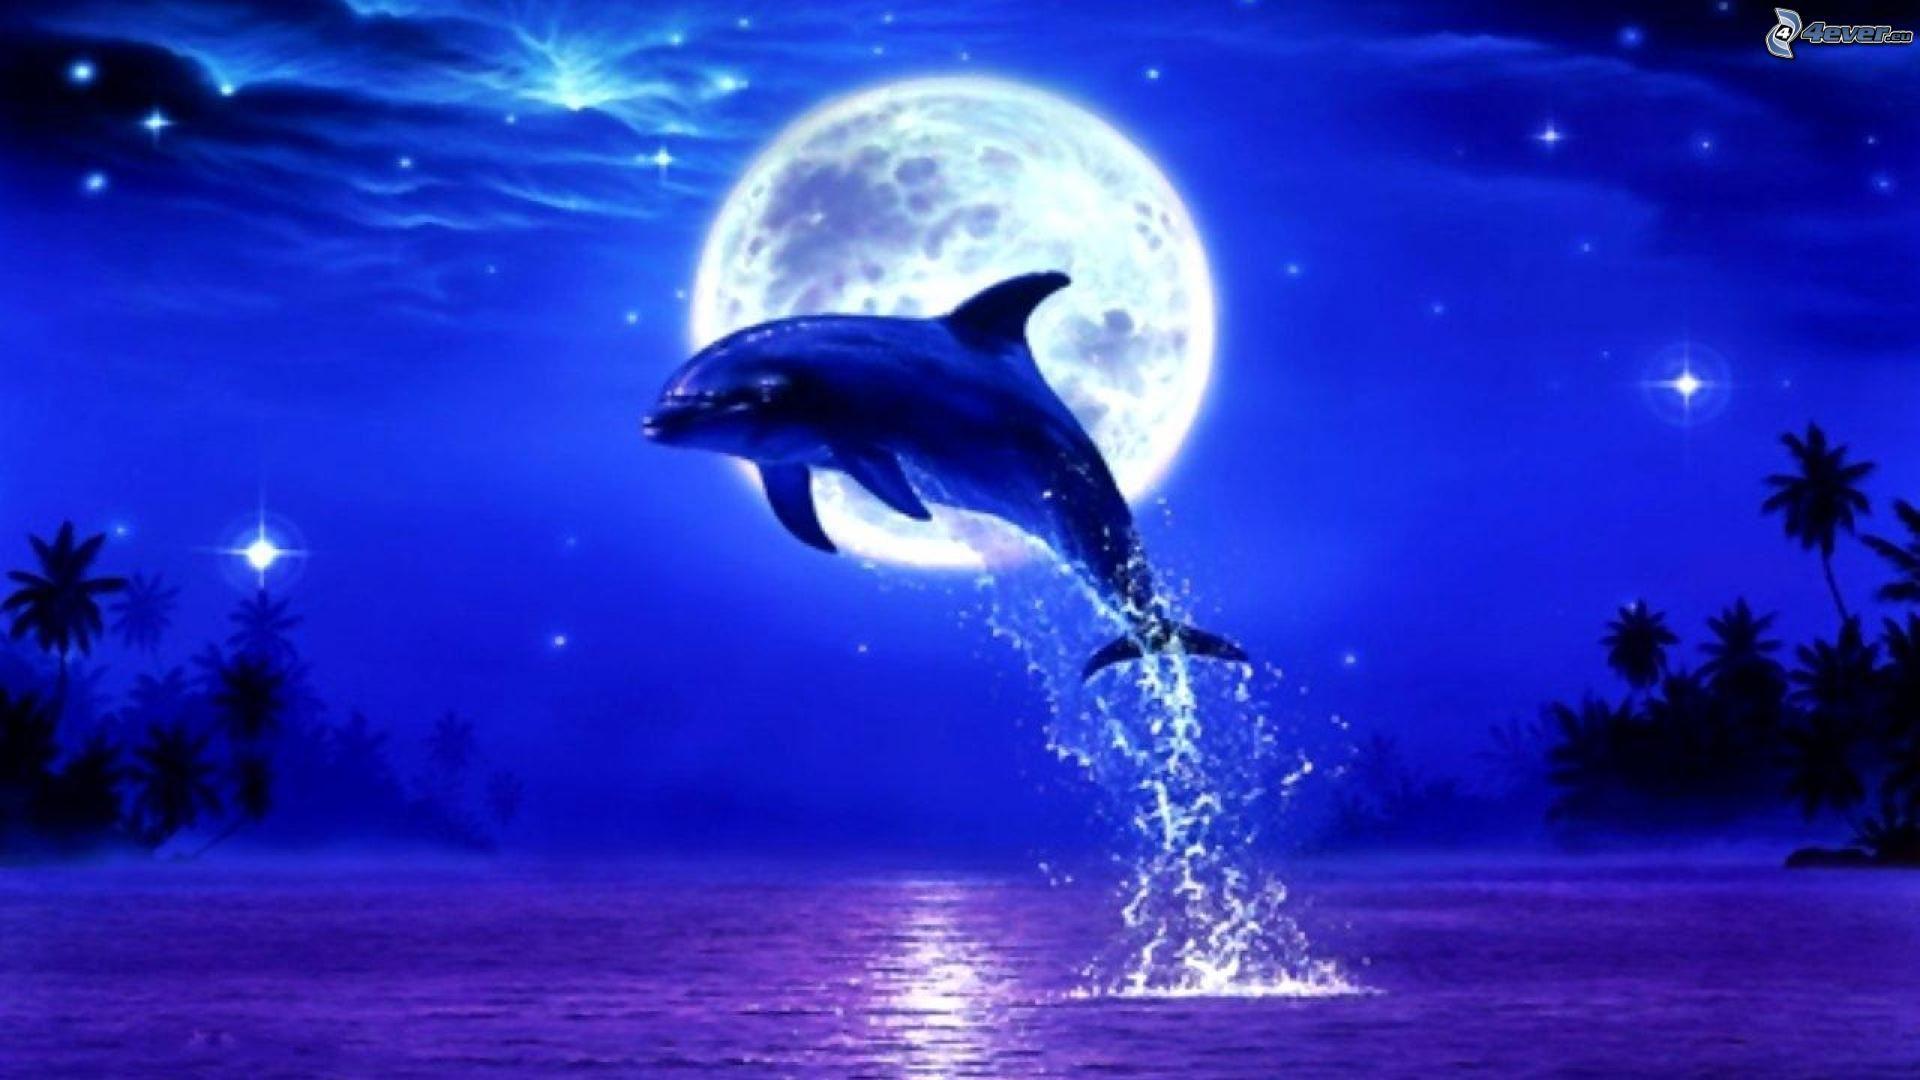 Dolfijn In Maanlicht Dolfijnen Dieren Mooi Oceaankunst